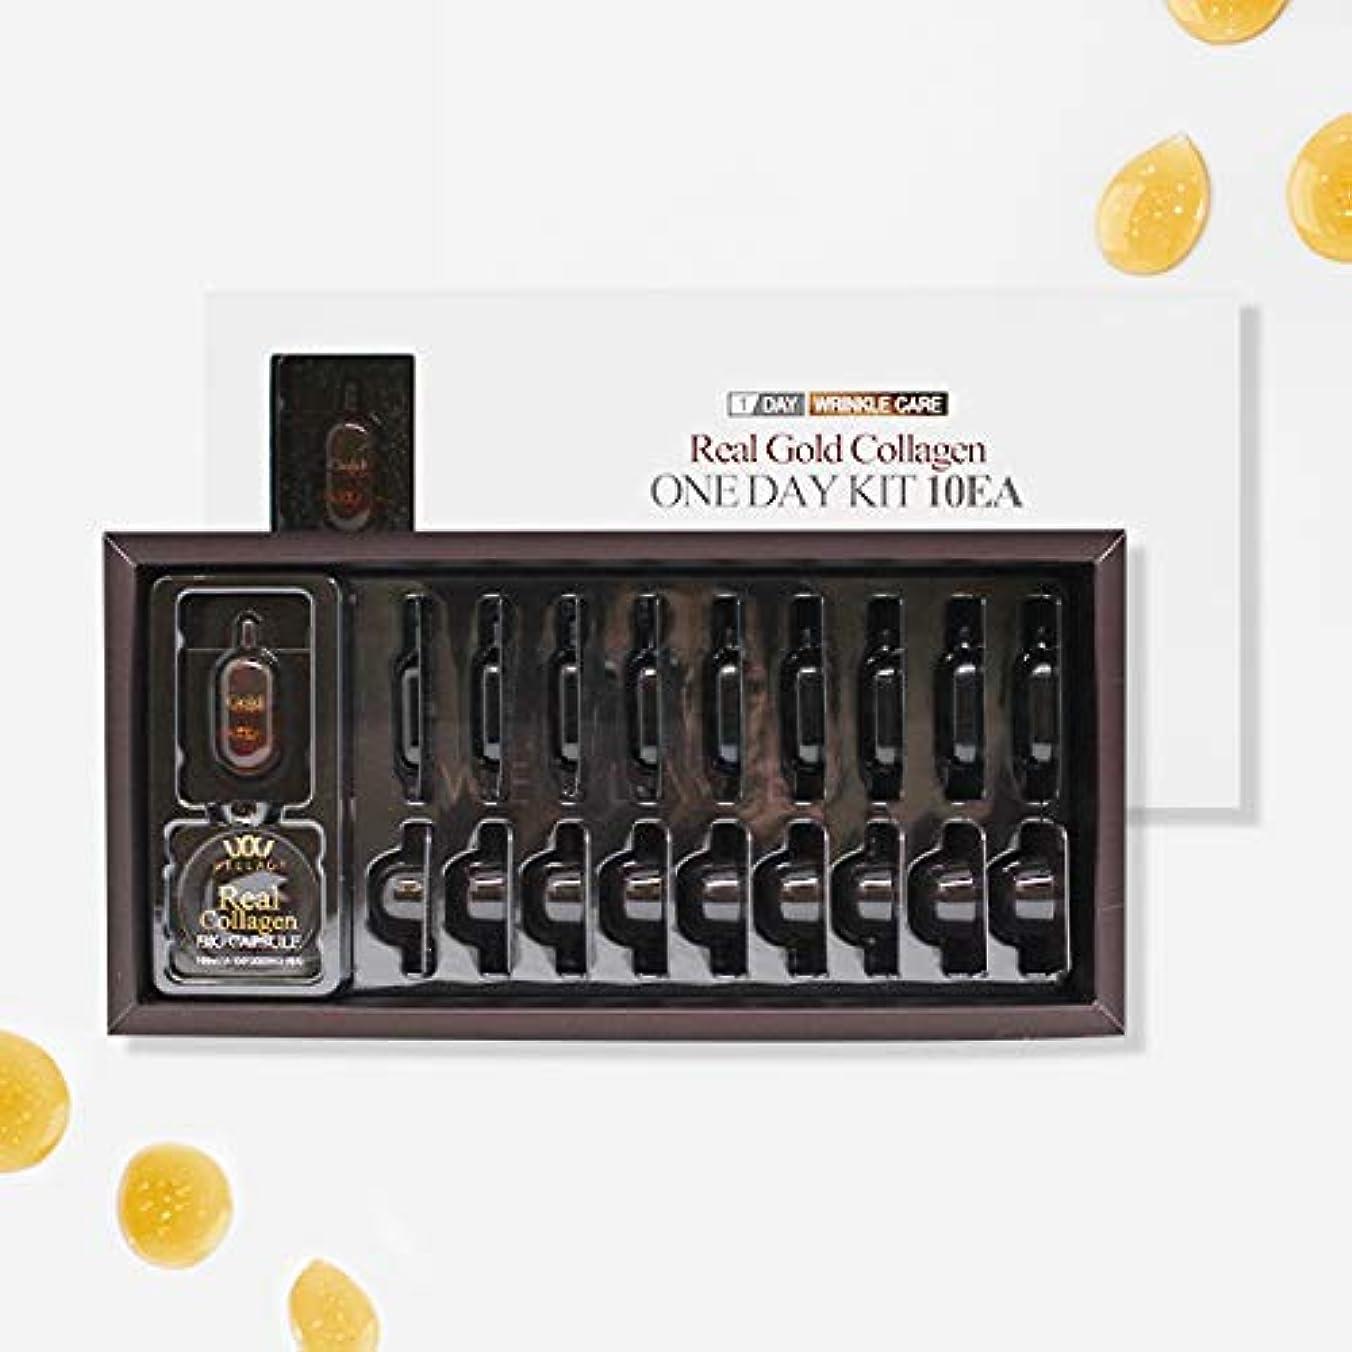 不利益影響する耐えられないWELLAGE(ウェラージュ) リアルゴールドワンデーキットバイオカプセル 10EA (しわケア)/ Real Gold One Day Kit Bio Capsule